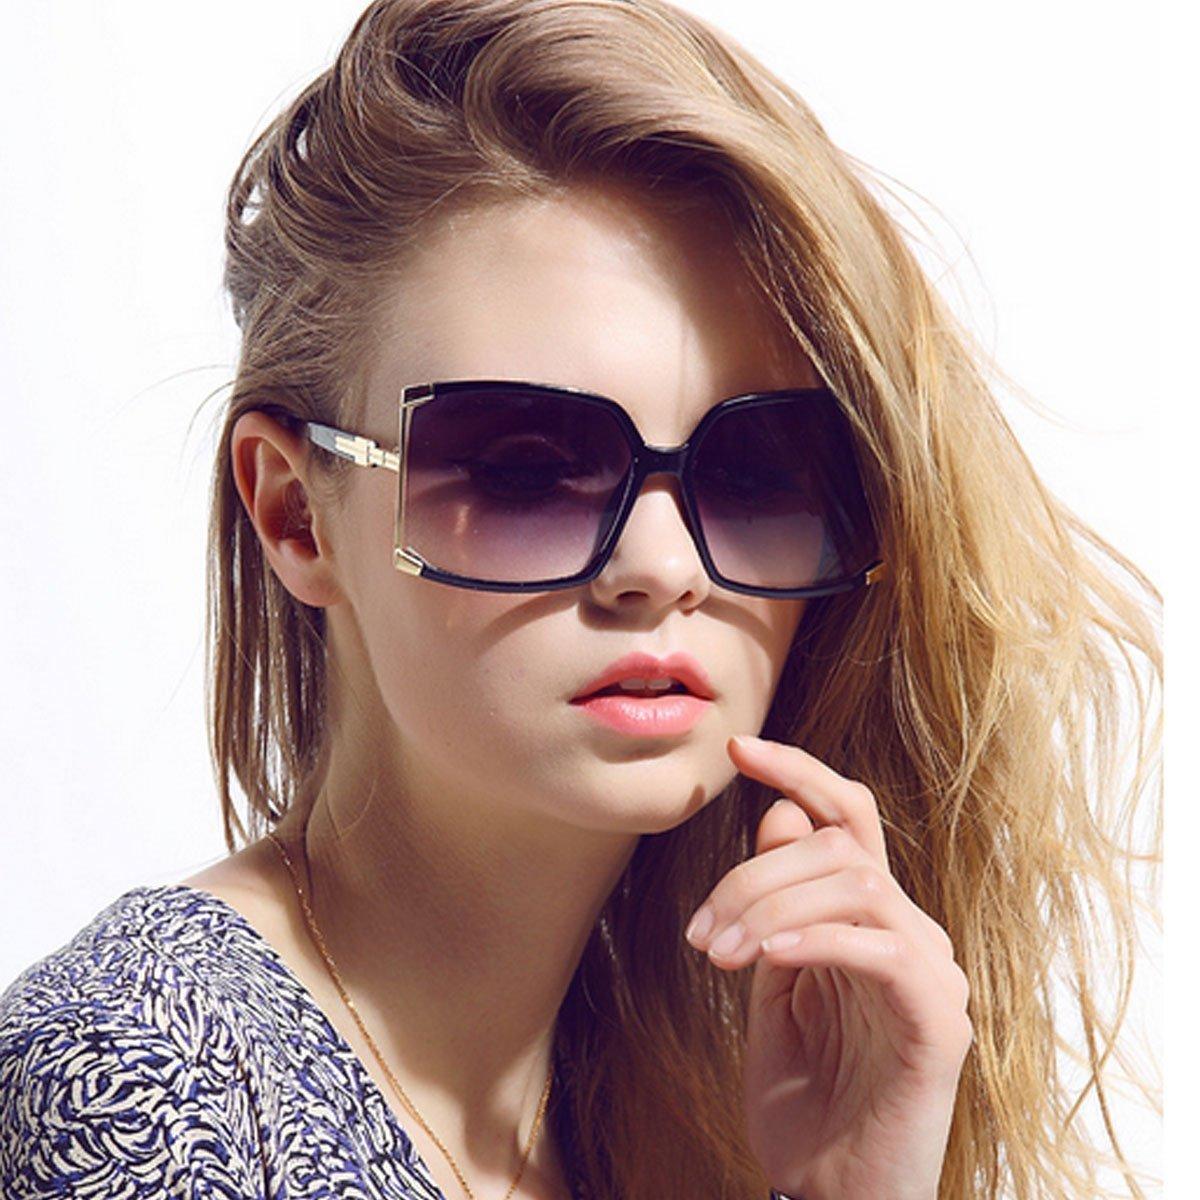 Aisa Women's Oversized Sunglasses 2016 New Fashion Square Frame Eyewear Goggles UV400 Protection Shiny Black